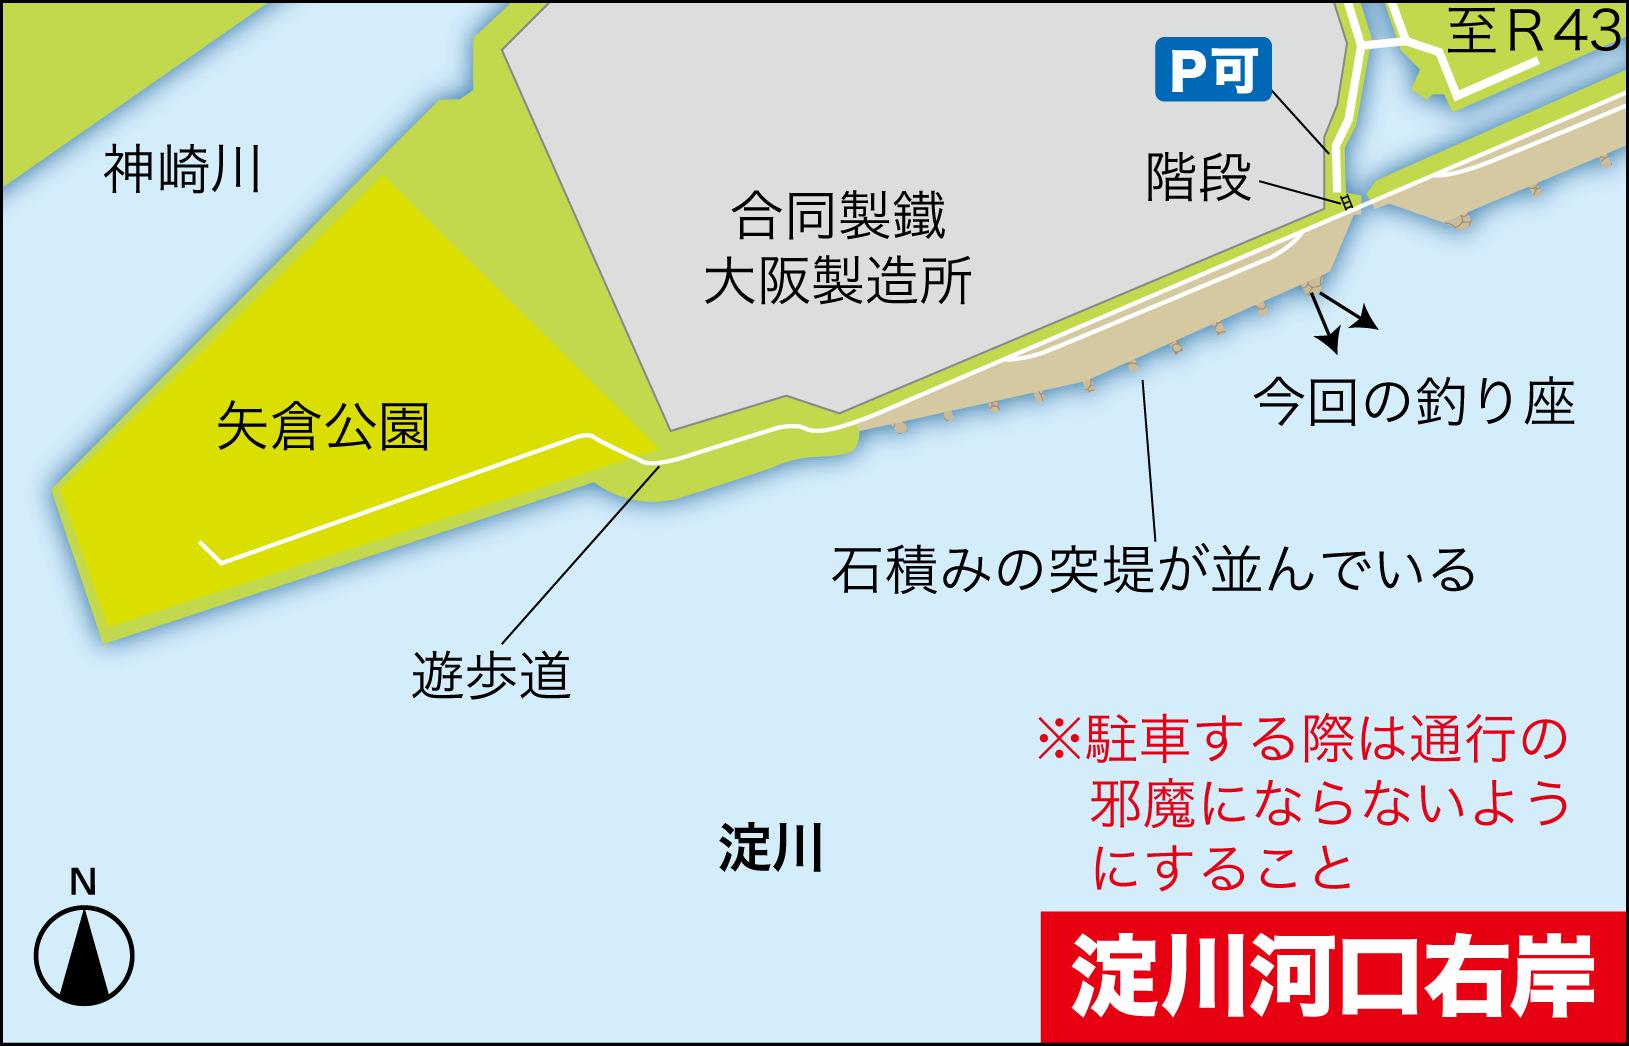 キャスターズハイ淀川キビレ15